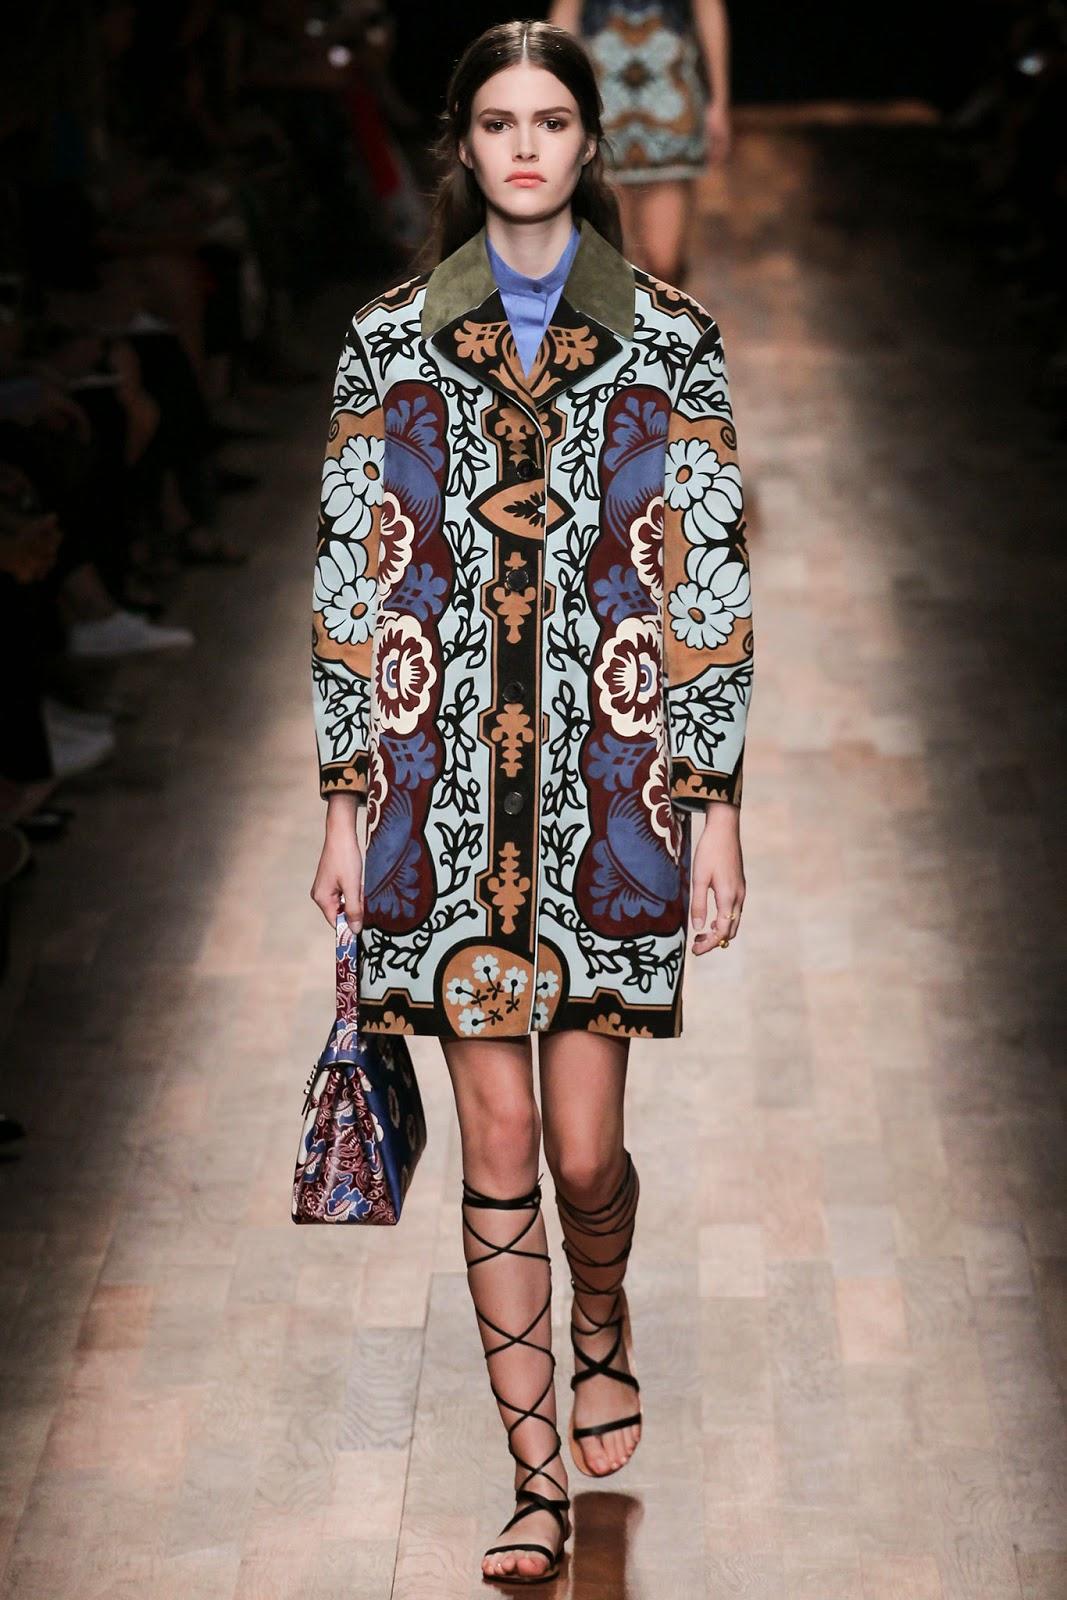 valentino 2015 summer 2016 trend women dress10 Valentino 2015 samling, våren sommaren 2016 Valentino klänning modeller, Valentino kväll klänning nya säsongen kvinnors kjolar modeller